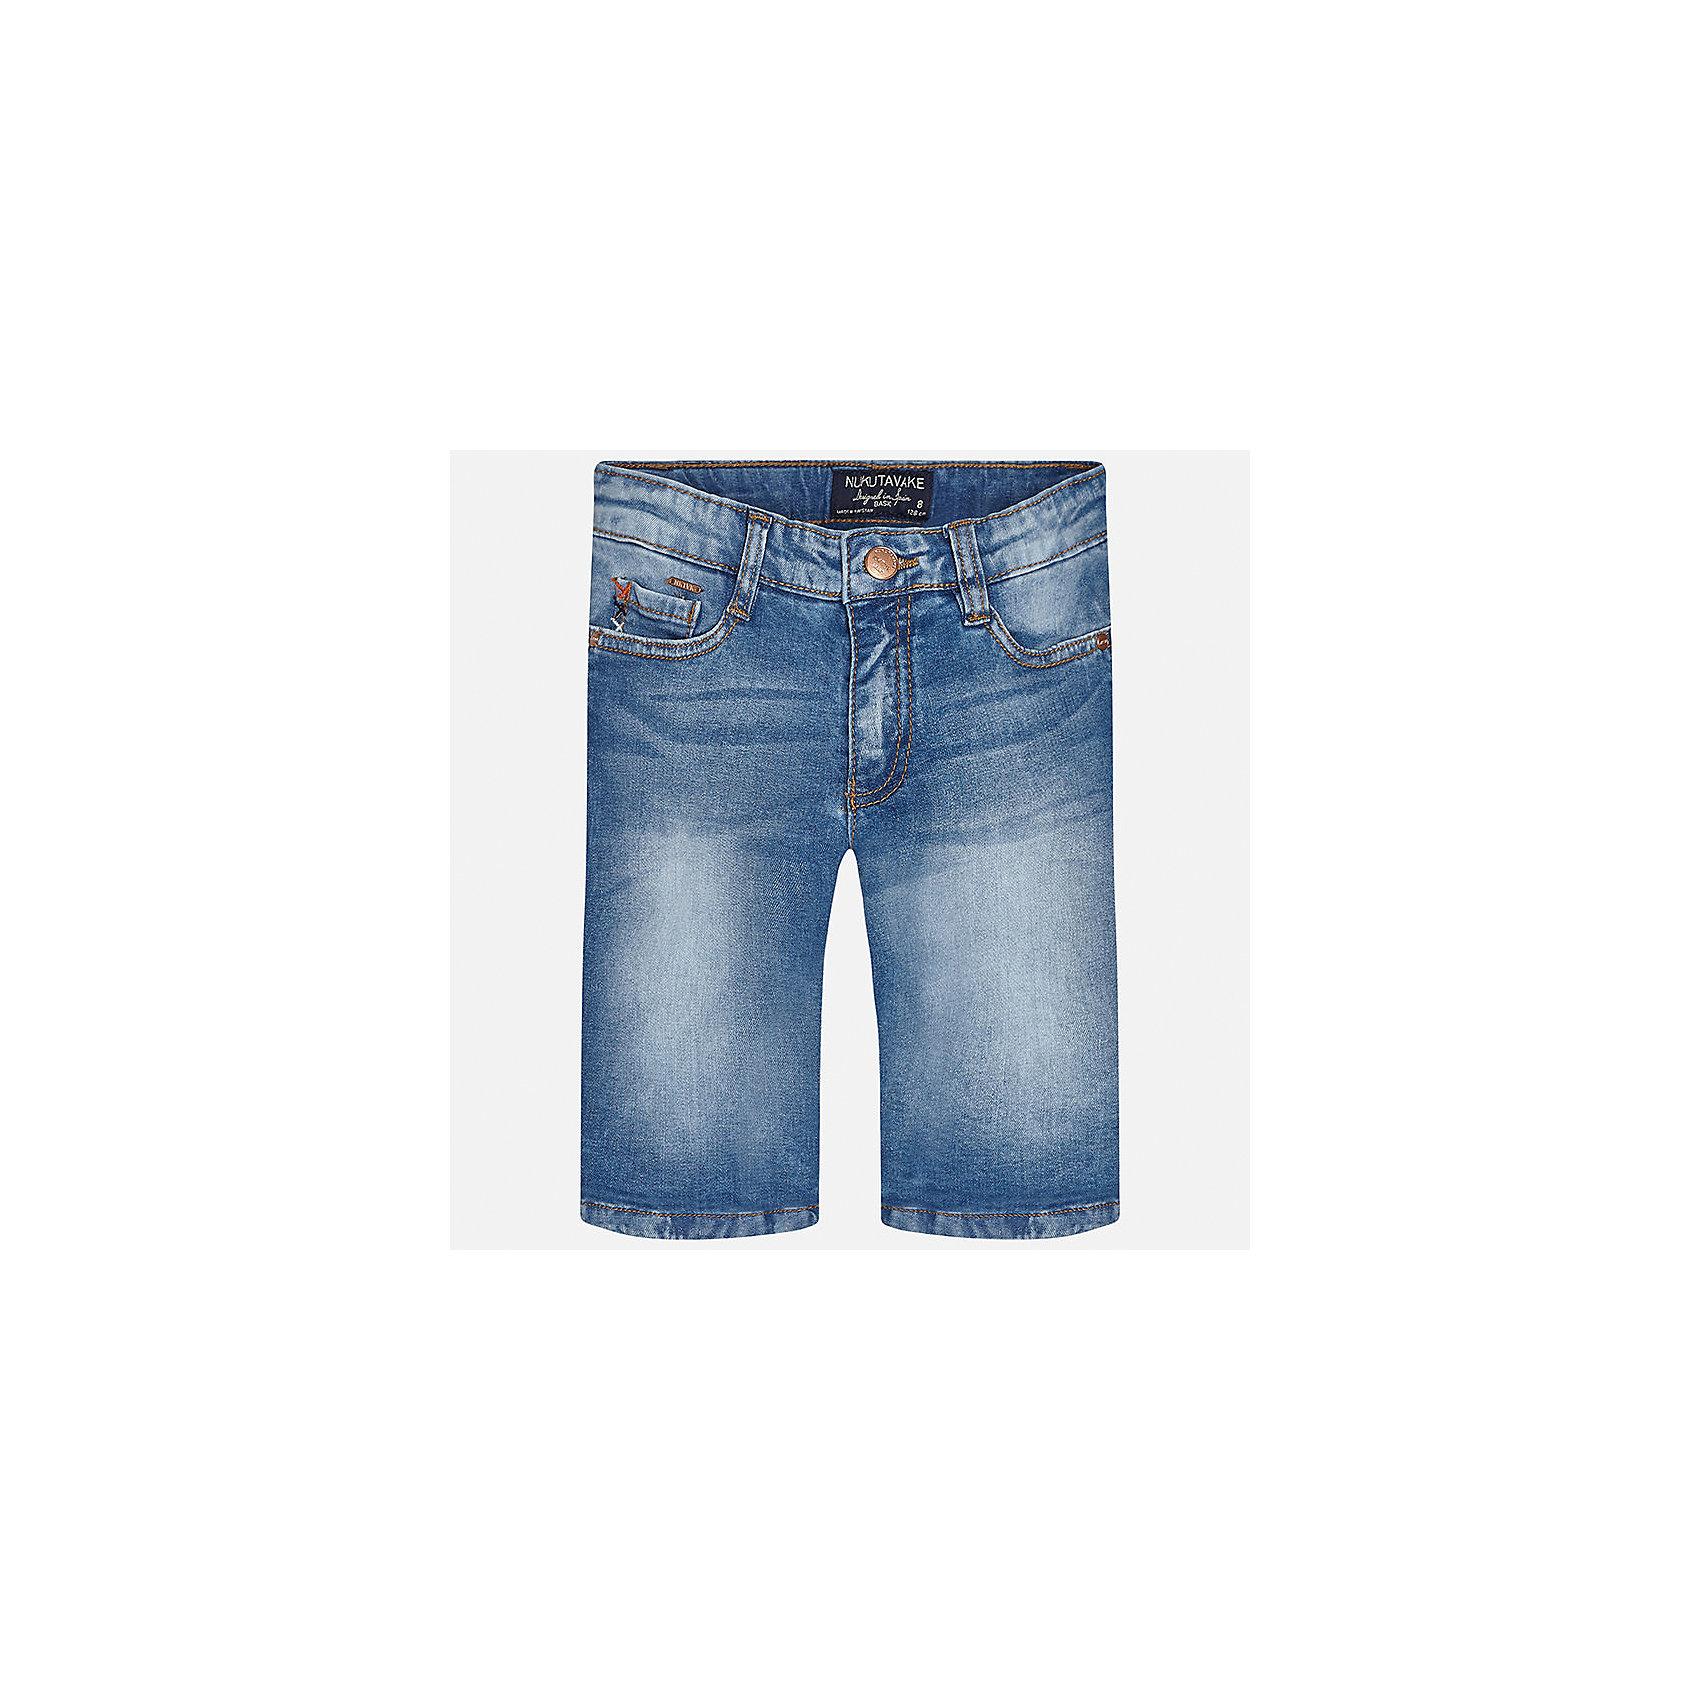 Бриджи джинсовые для мальчика MayoralШорты, бриджи, капри<br>Характеристики товара:<br><br>• цвет: синий<br>• состав: 97% хлопок, 3% эластан<br>• шлевки<br>• карманы<br>• пояс с регулировкой объема<br>• имитация потертостей<br>• страна бренда: Испания<br><br>Стильные шорты для мальчика смогут стать базовой вещью в гардеробе ребенка. Они отлично сочетаются с майками, футболками, рубашками и т.д. Универсальный крой и цвет позволяет подобрать к вещи верх разных расцветок. Практичное и стильное изделие! В составе материала - натуральный хлопок, гипоаллергенный, приятный на ощупь, дышащий.<br><br>Одежда, обувь и аксессуары от испанского бренда Mayoral полюбились детям и взрослым по всему миру. Модели этой марки - стильные и удобные. Для их производства используются только безопасные, качественные материалы и фурнитура. Порадуйте ребенка модными и красивыми вещами от Mayoral! <br><br>Шорты для мальчика от испанского бренда Mayoral (Майорал) можно купить в нашем интернет-магазине.<br><br>Ширина мм: 191<br>Глубина мм: 10<br>Высота мм: 175<br>Вес г: 273<br>Цвет: синий<br>Возраст от месяцев: 84<br>Возраст до месяцев: 96<br>Пол: Мужской<br>Возраст: Детский<br>Размер: 128/134,140,170,164,158,152<br>SKU: 5281722